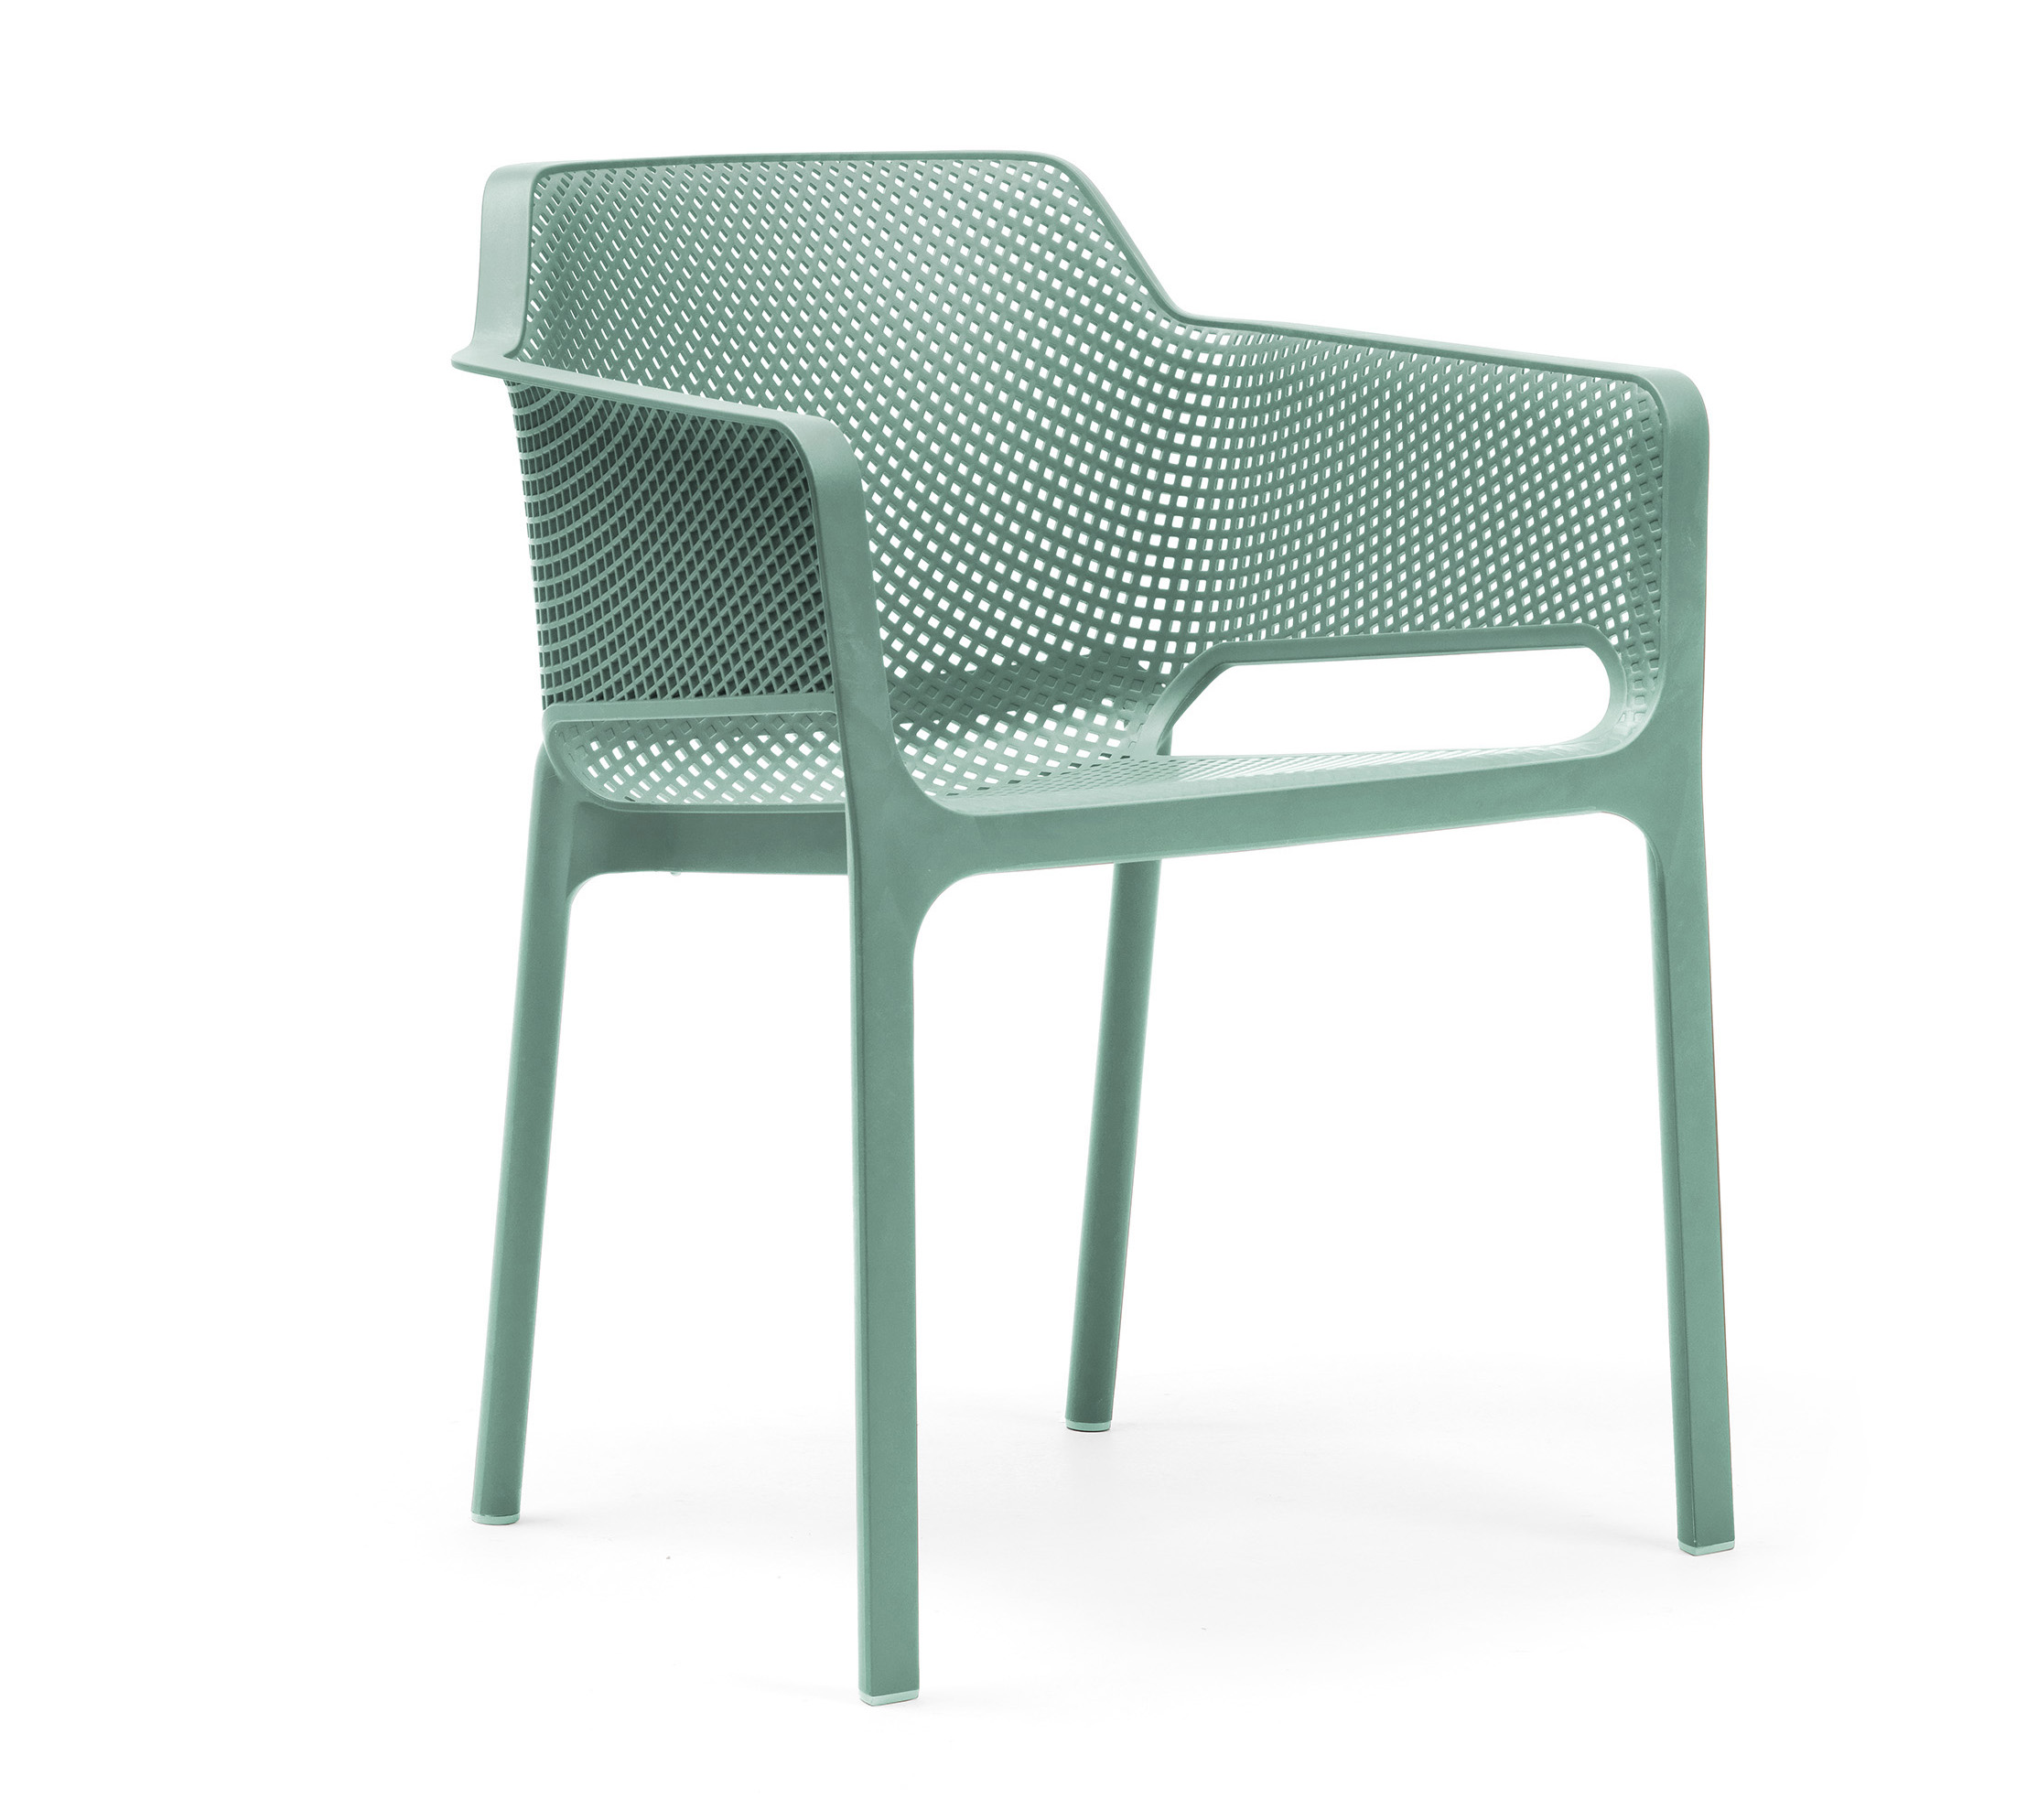 Hedendaags Innovaties terrasmeubilair horeca: van terrasstoelen tot CS-39